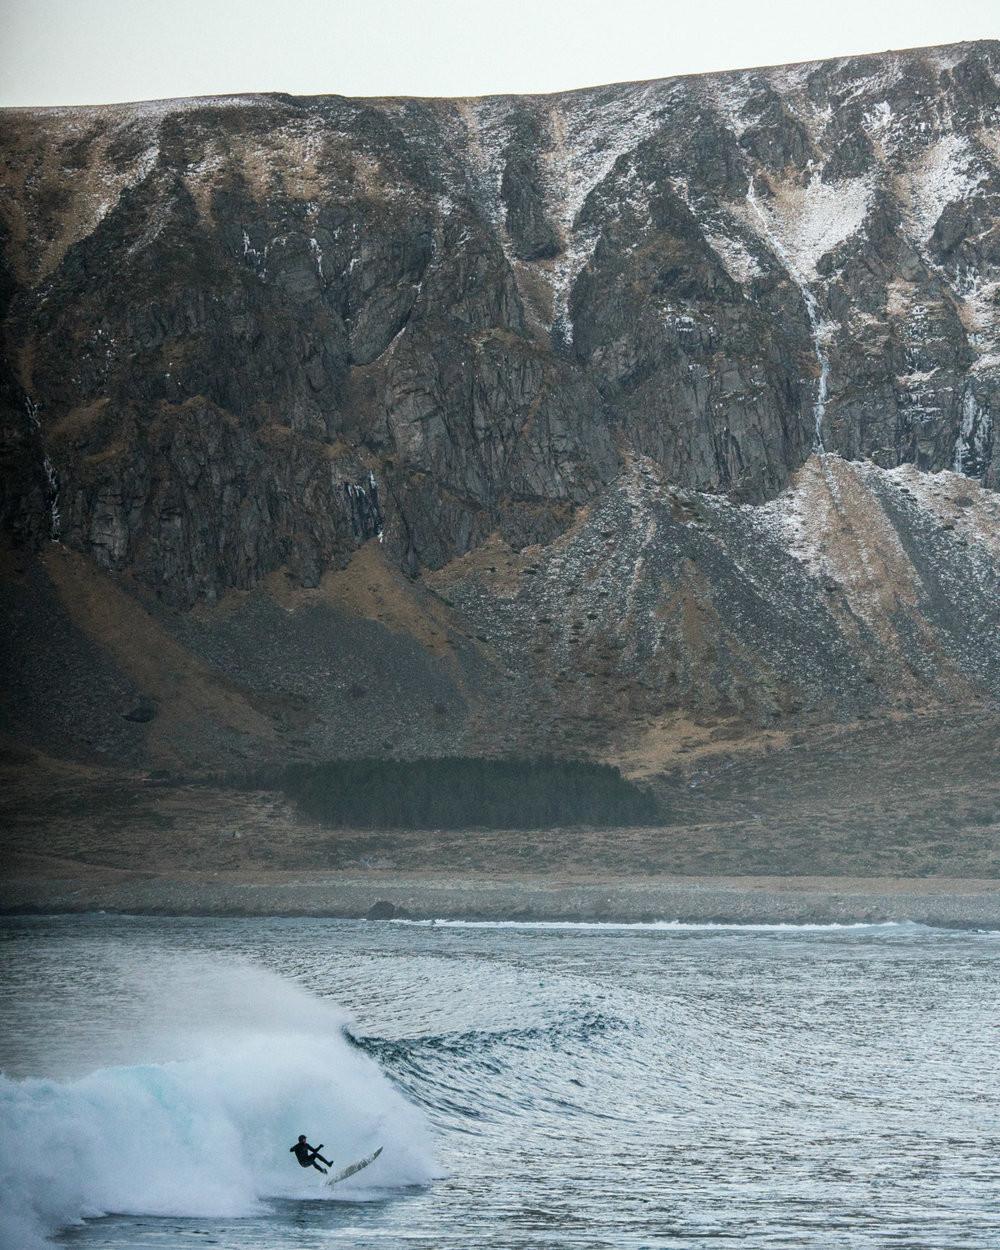 arkticheskij_surfing_v_objektive_tima_franco-12